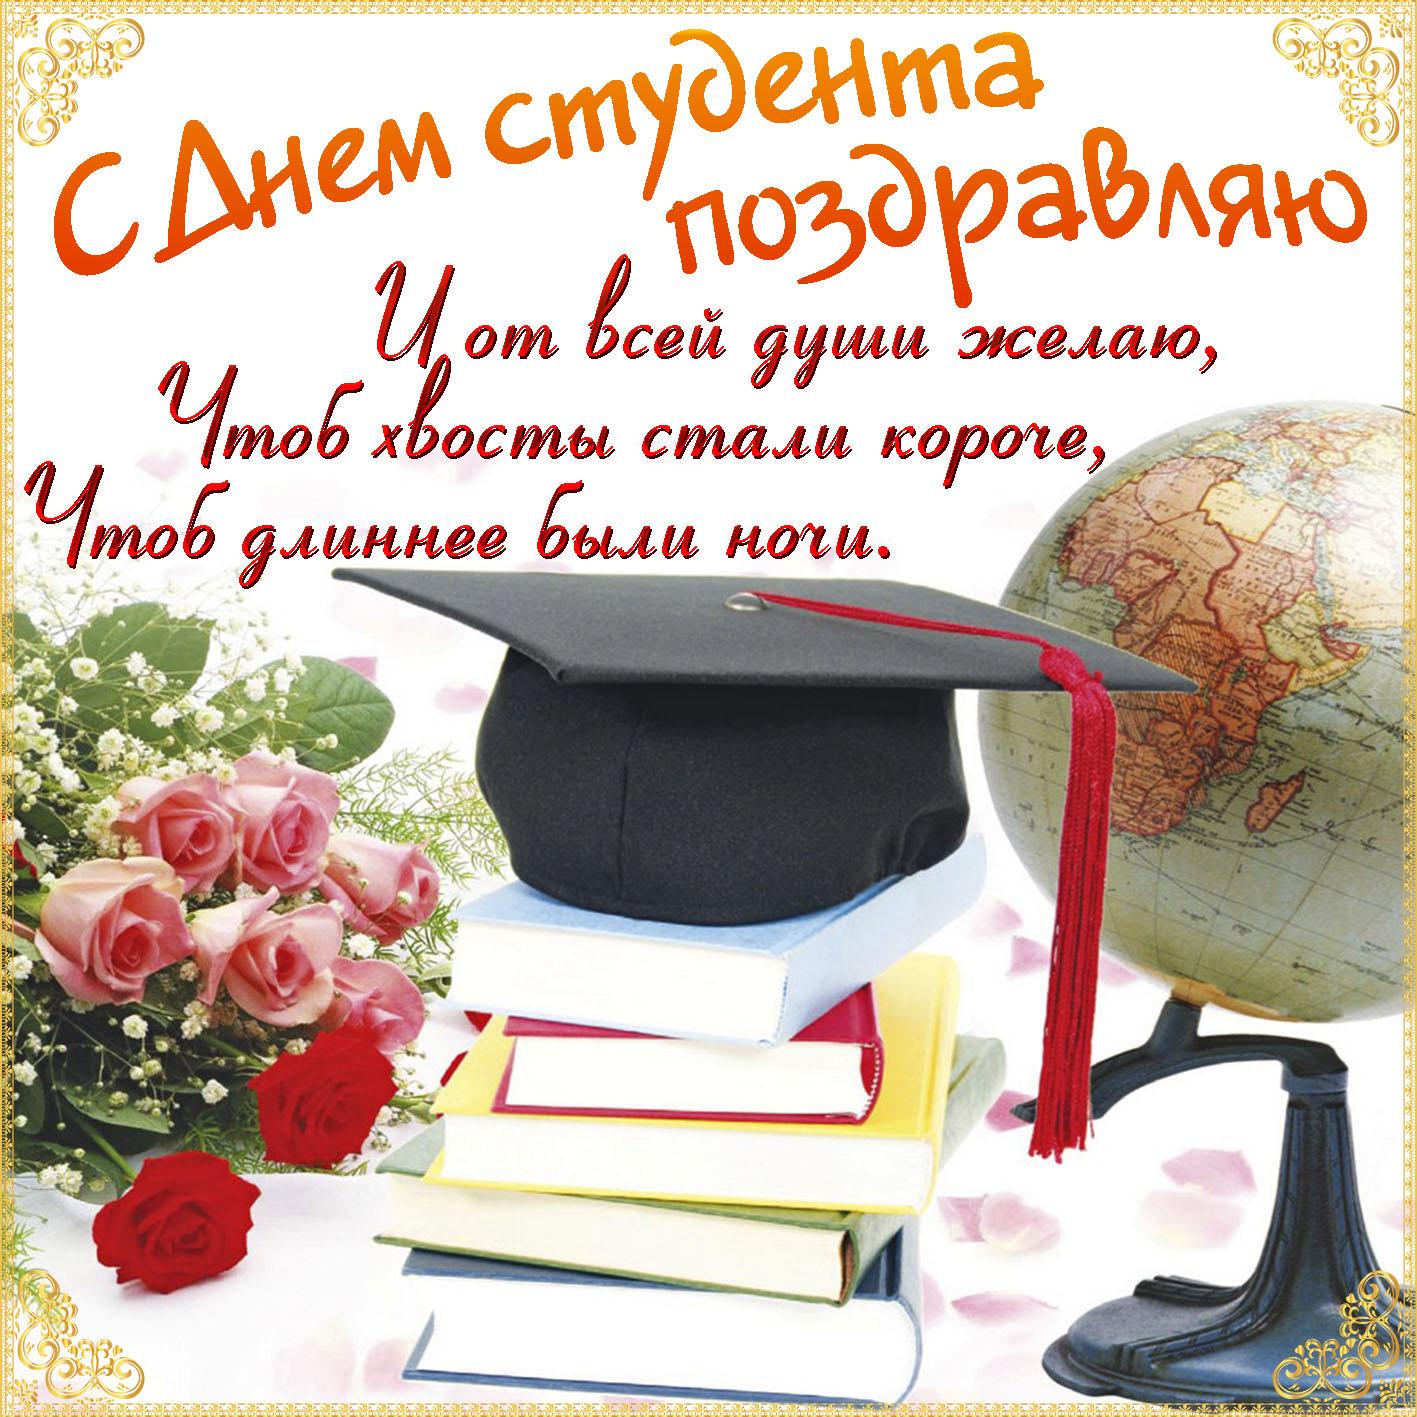 Картинка с глобусом на День студента